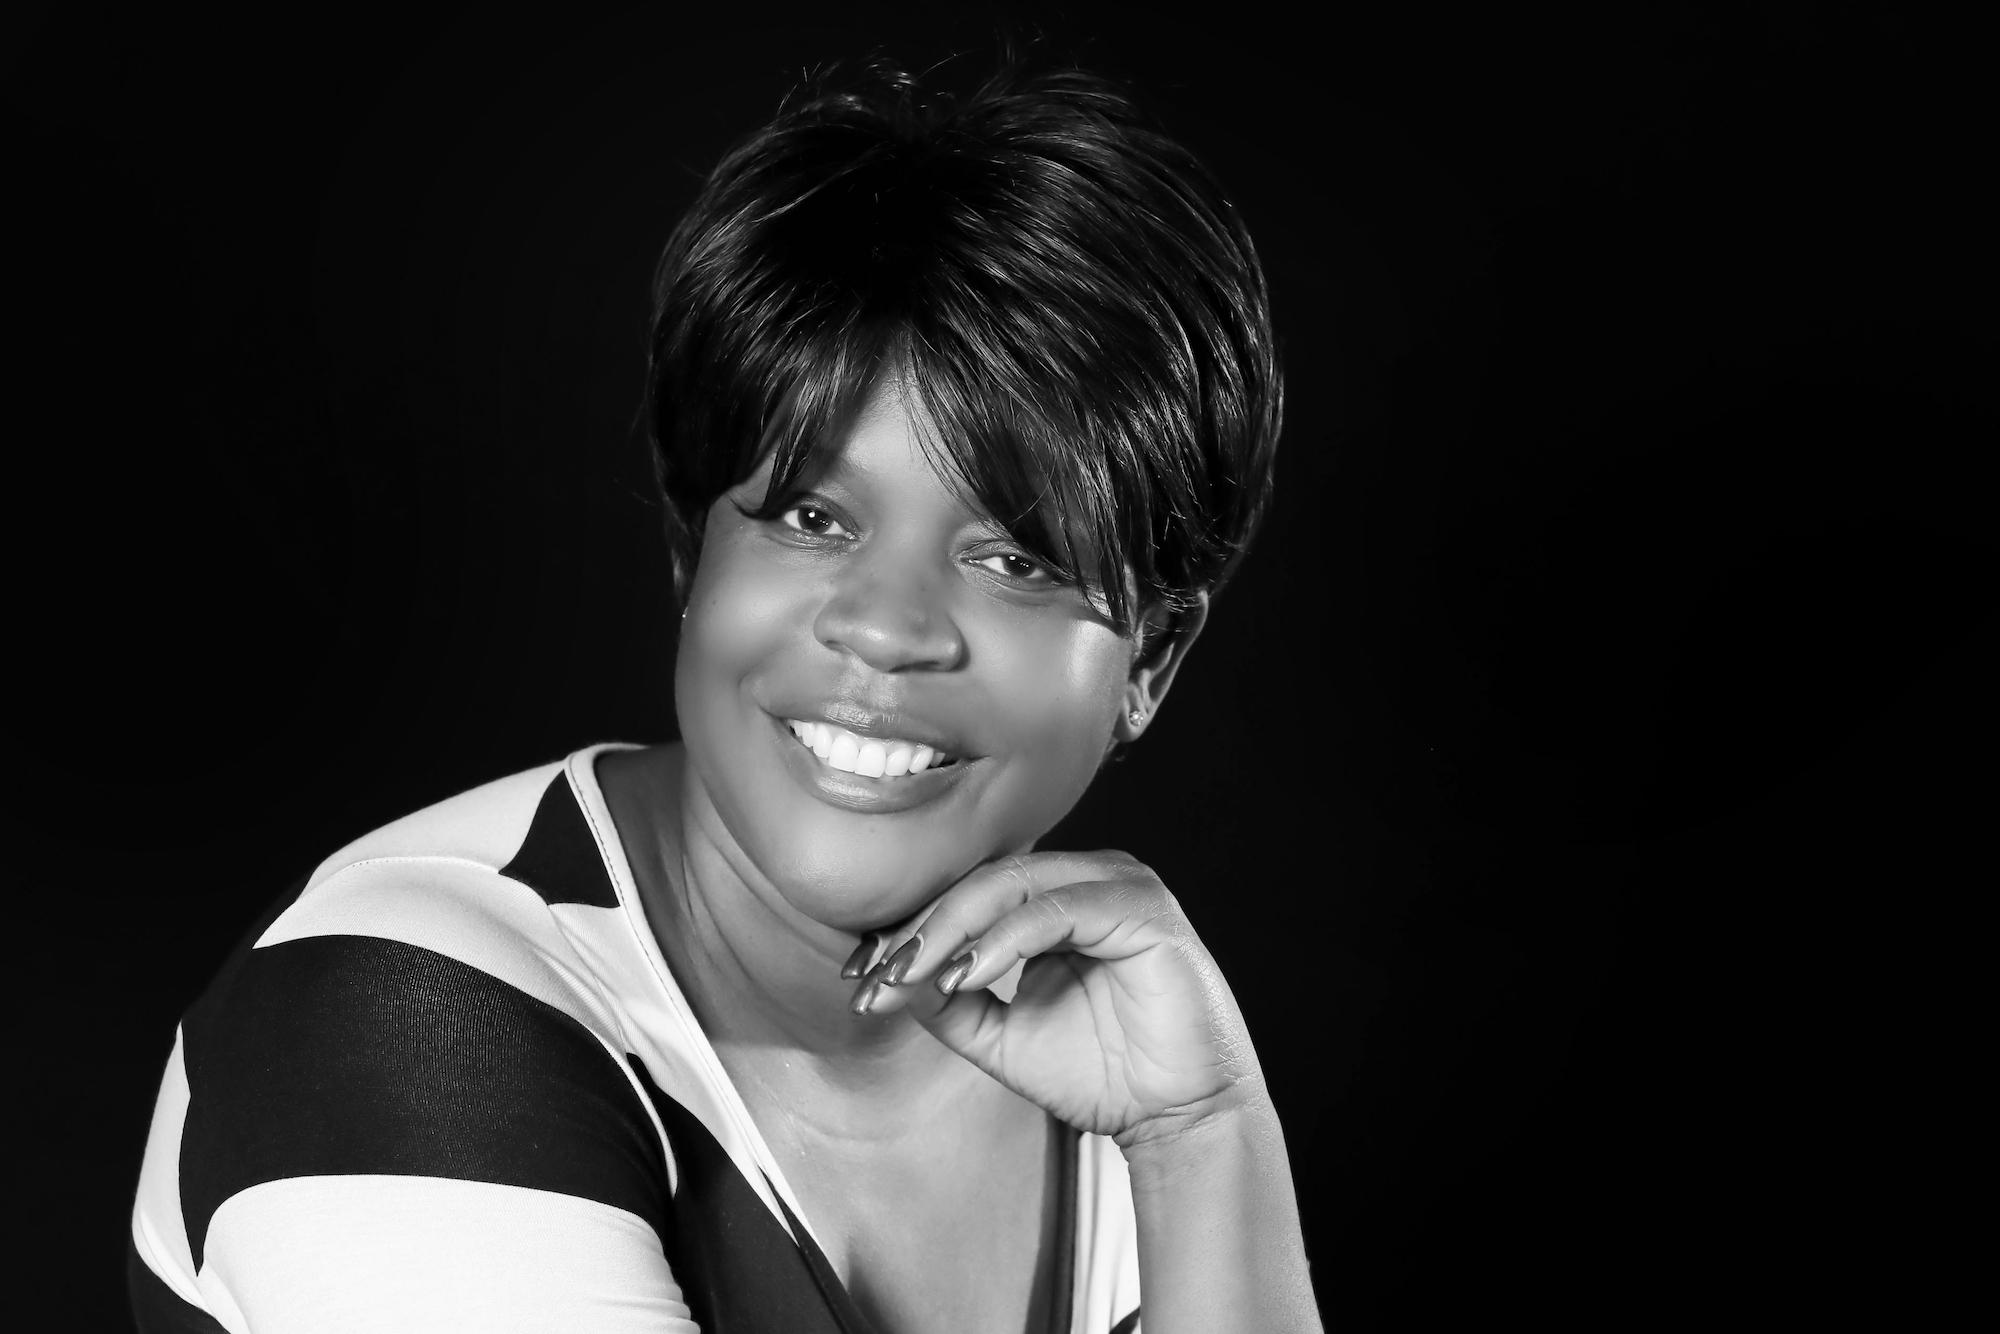 Kimberly Scott, Executive Director